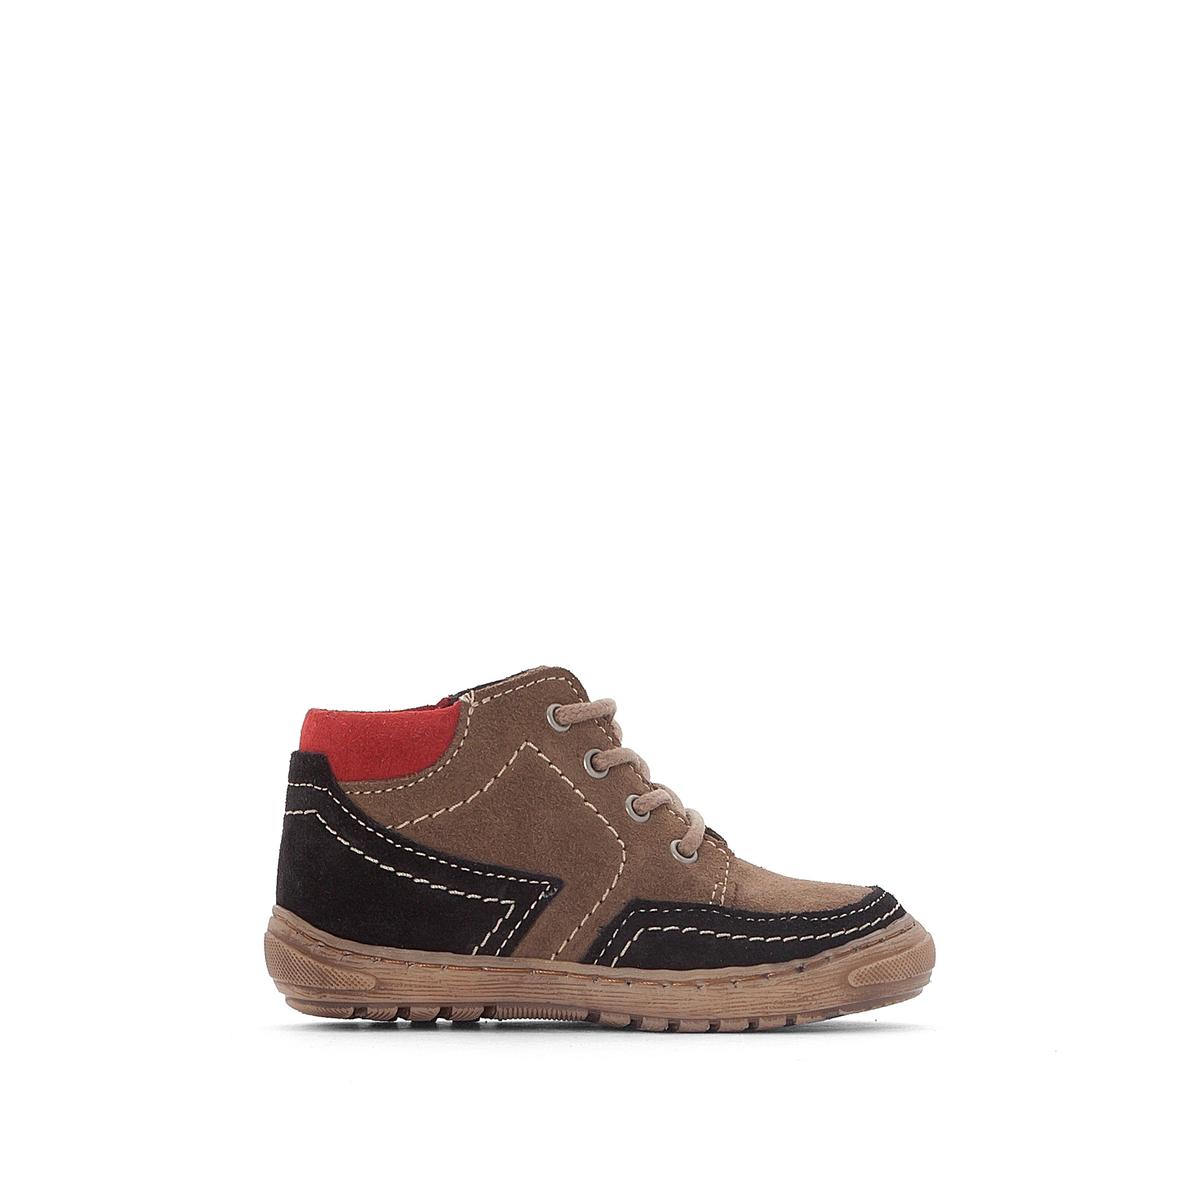 Ботинки кожаные на удобной подошве 19-25Описание:Детали •  Застежка : шнуровка •  Круглый мысокСостав и уход •  Верх 100% кожа •  Подкладка 100% кожа •  Сделано в Португалии<br><br>Цвет: серо-коричневый/ черный<br>Размер: 25.24.23.22